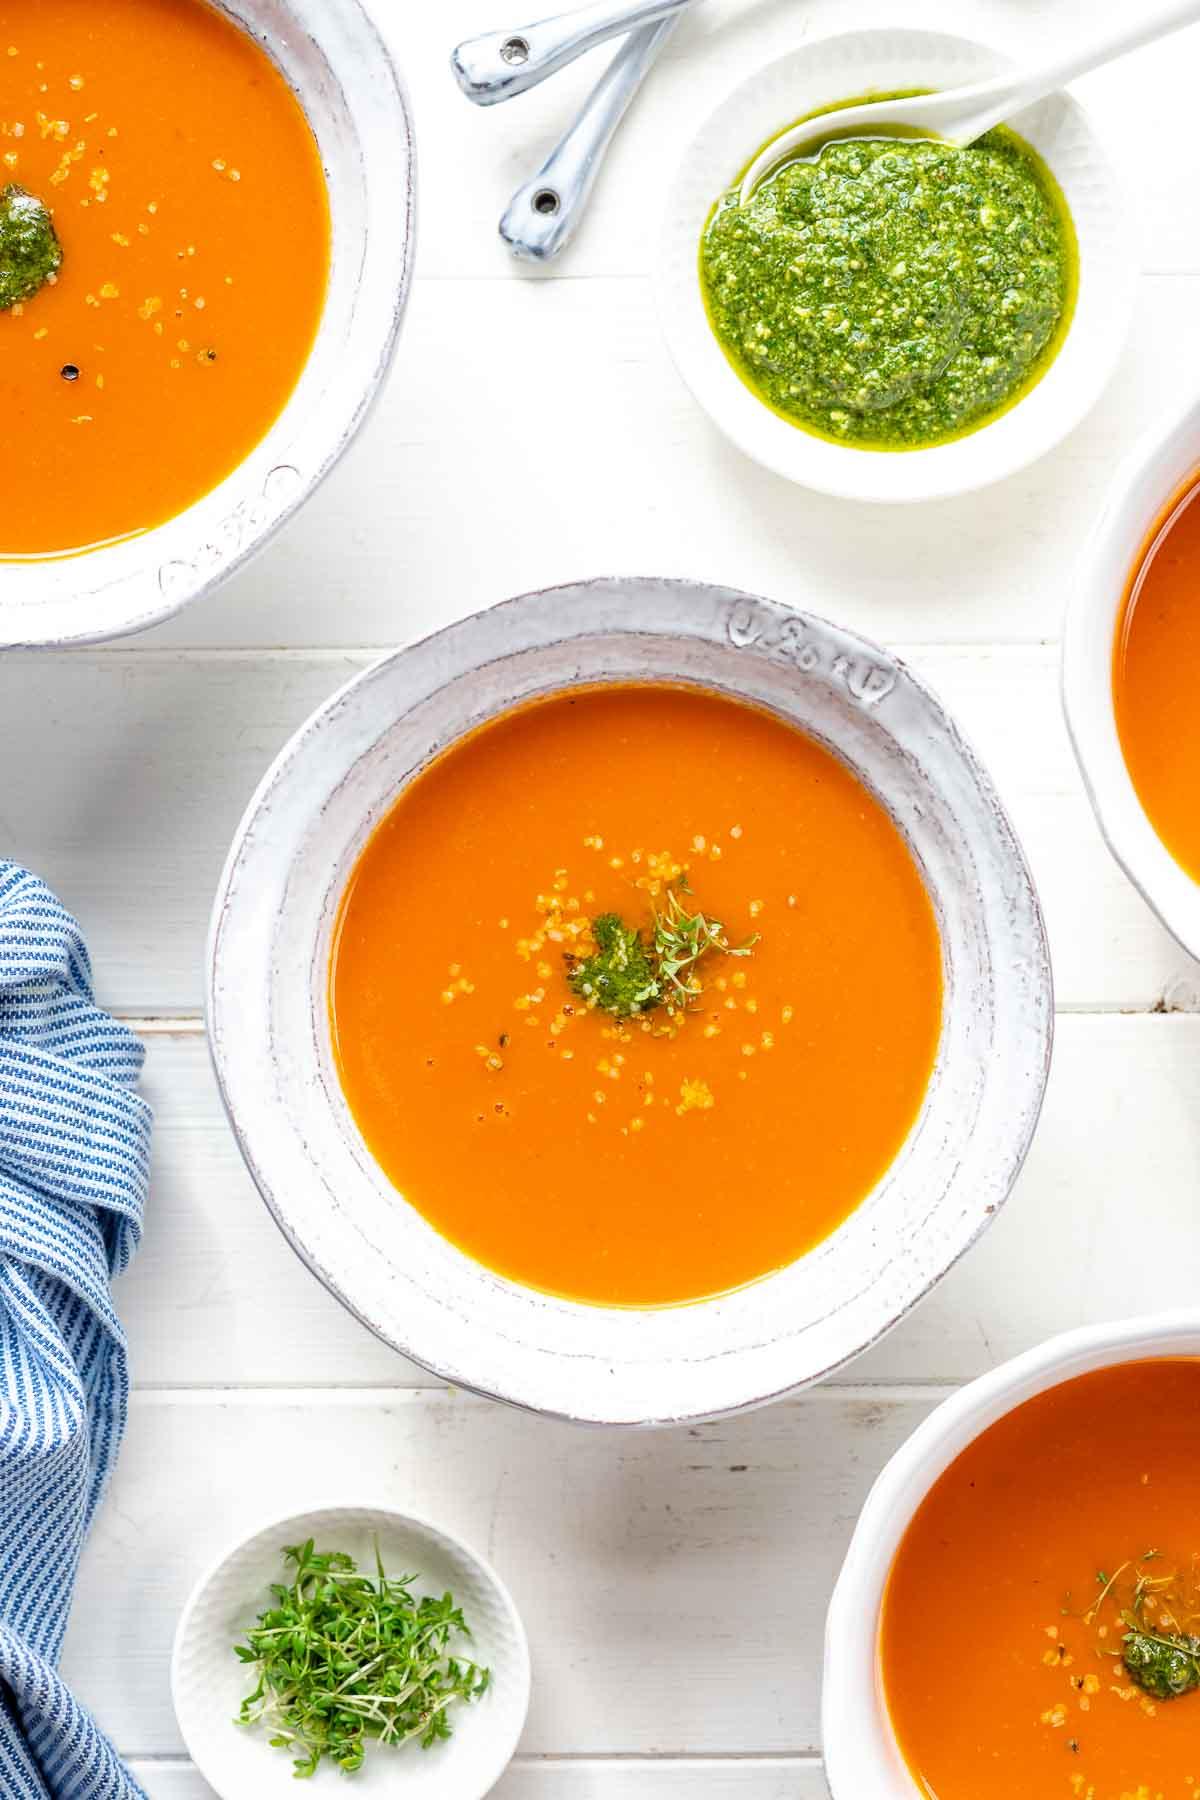 Die beste Tomatensuppe - leicht cremig, fruchtig und einfach zu machen